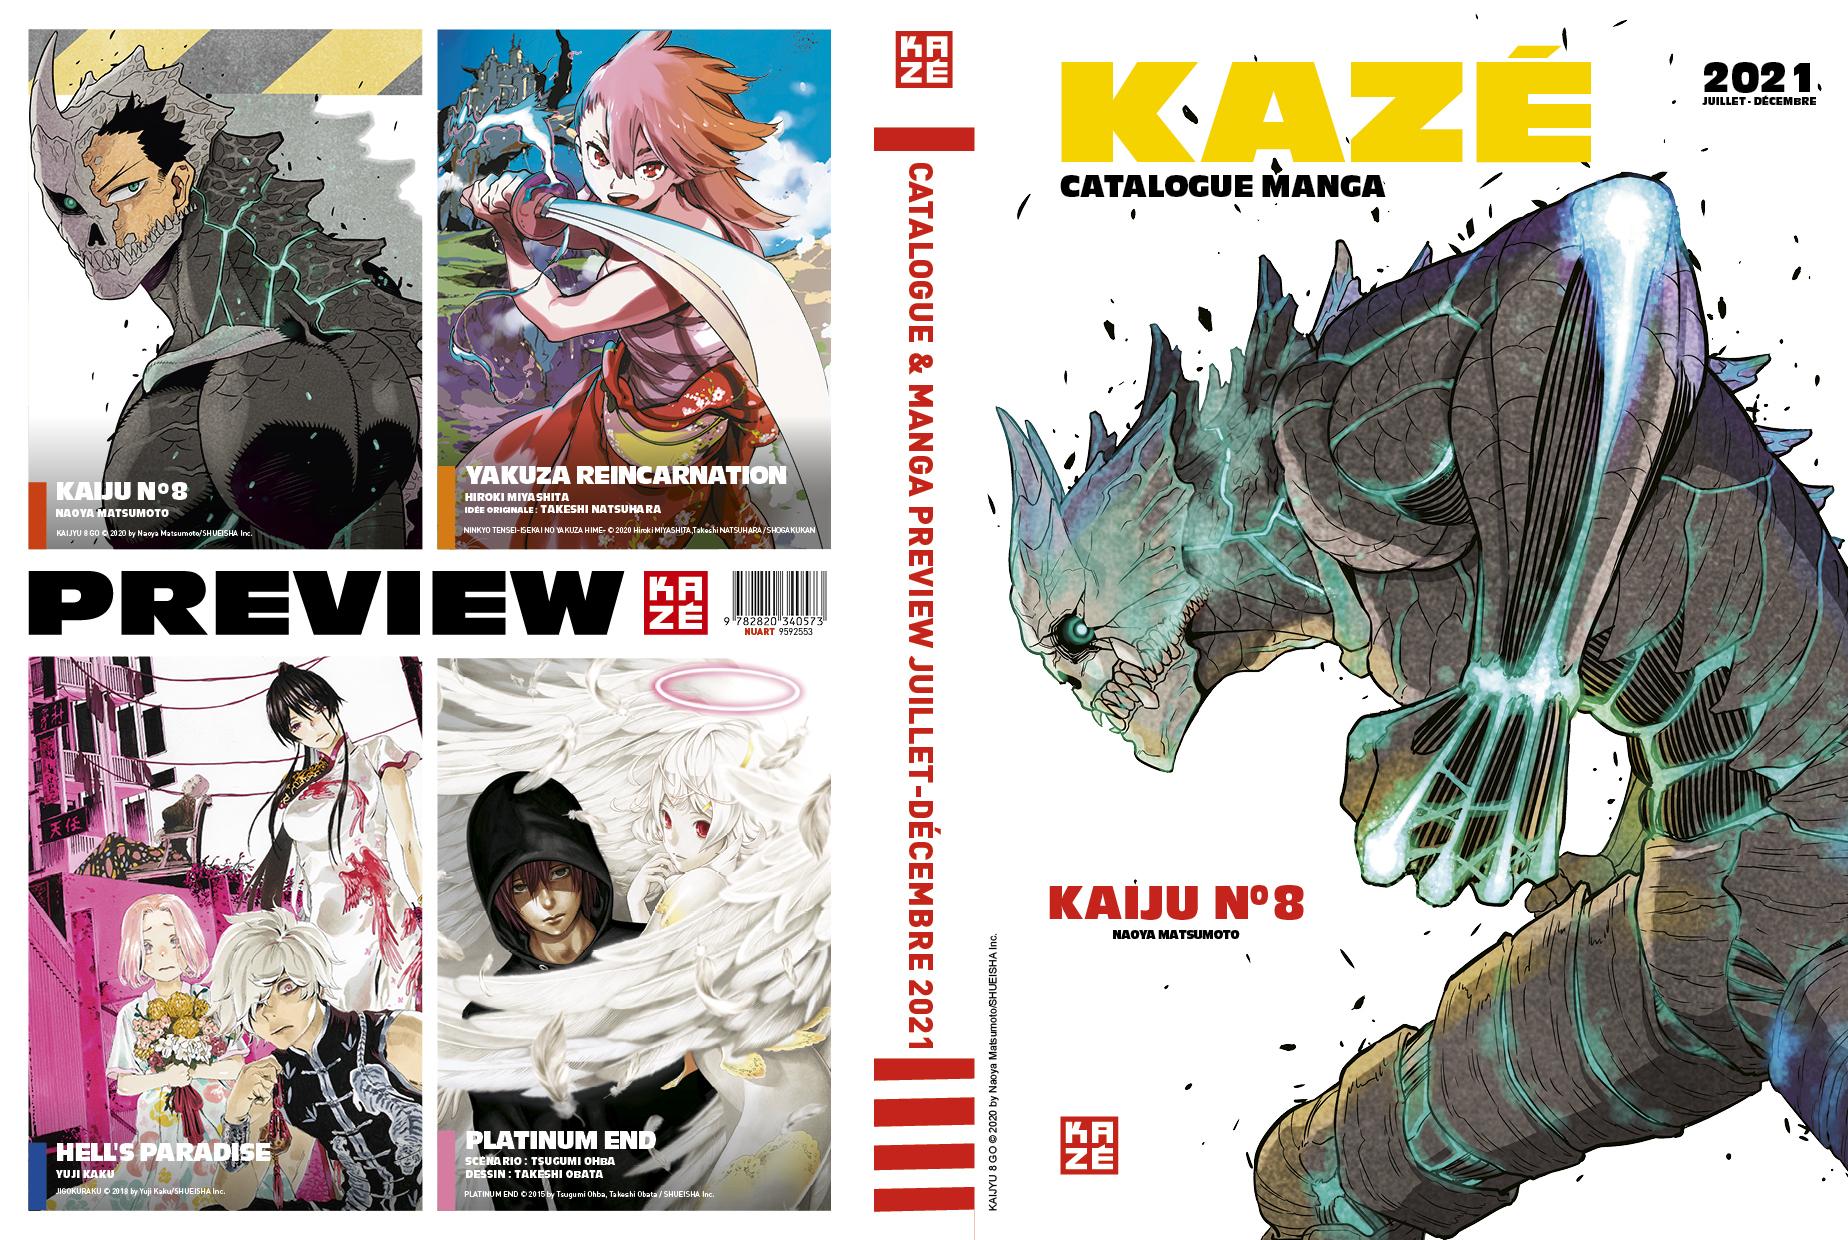 Manga Preview Kazé 7 - Juillet - Décembre 2021